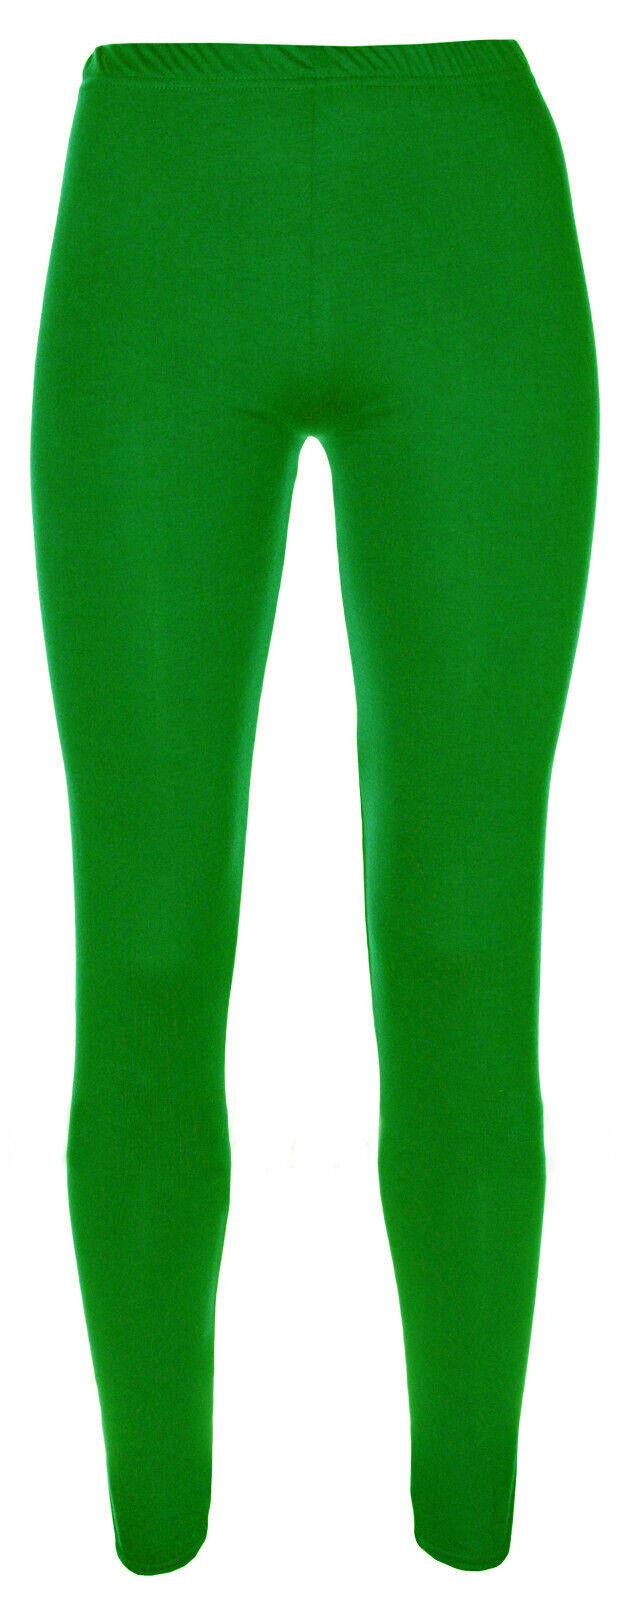 Ages 2-13 20+ Colours Girls Plain Legging Full Length Dance Brown Black Green